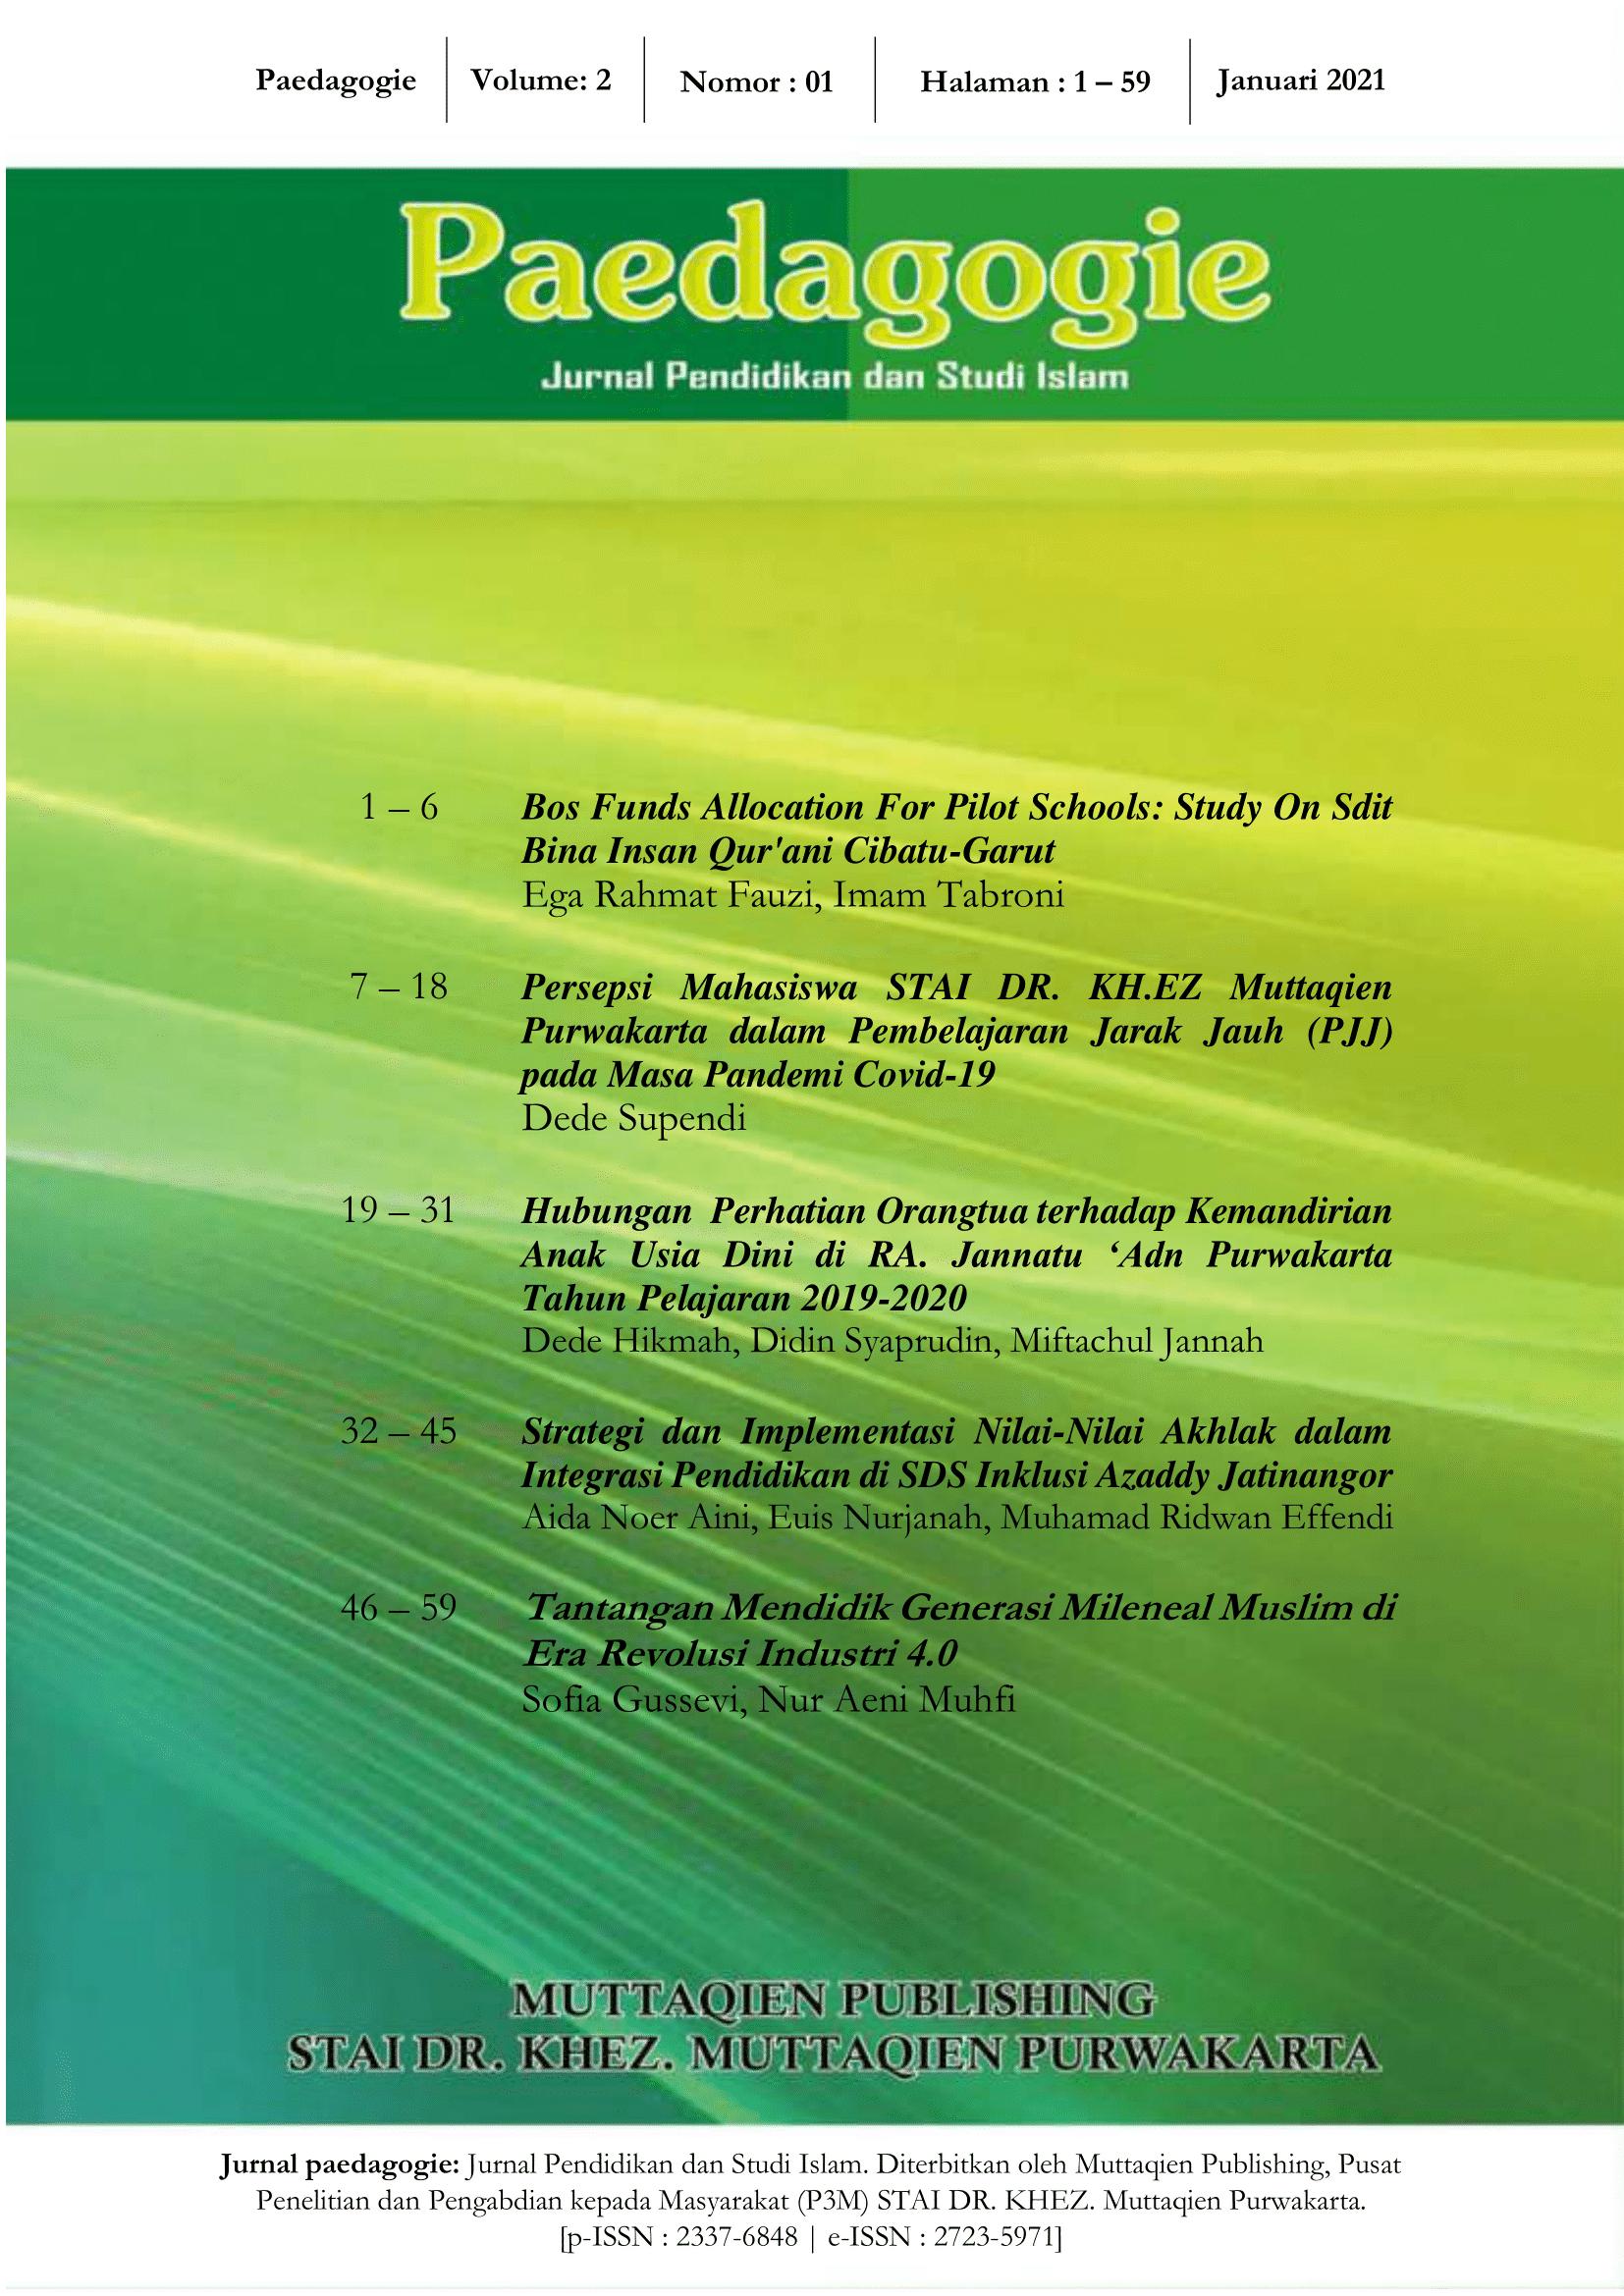 View Vol. 2 No. 01 (2021): Paedagogie; Jurnal Pendidikan dan Studi Islam, Volume 2 Nomor 1, Januari 2021